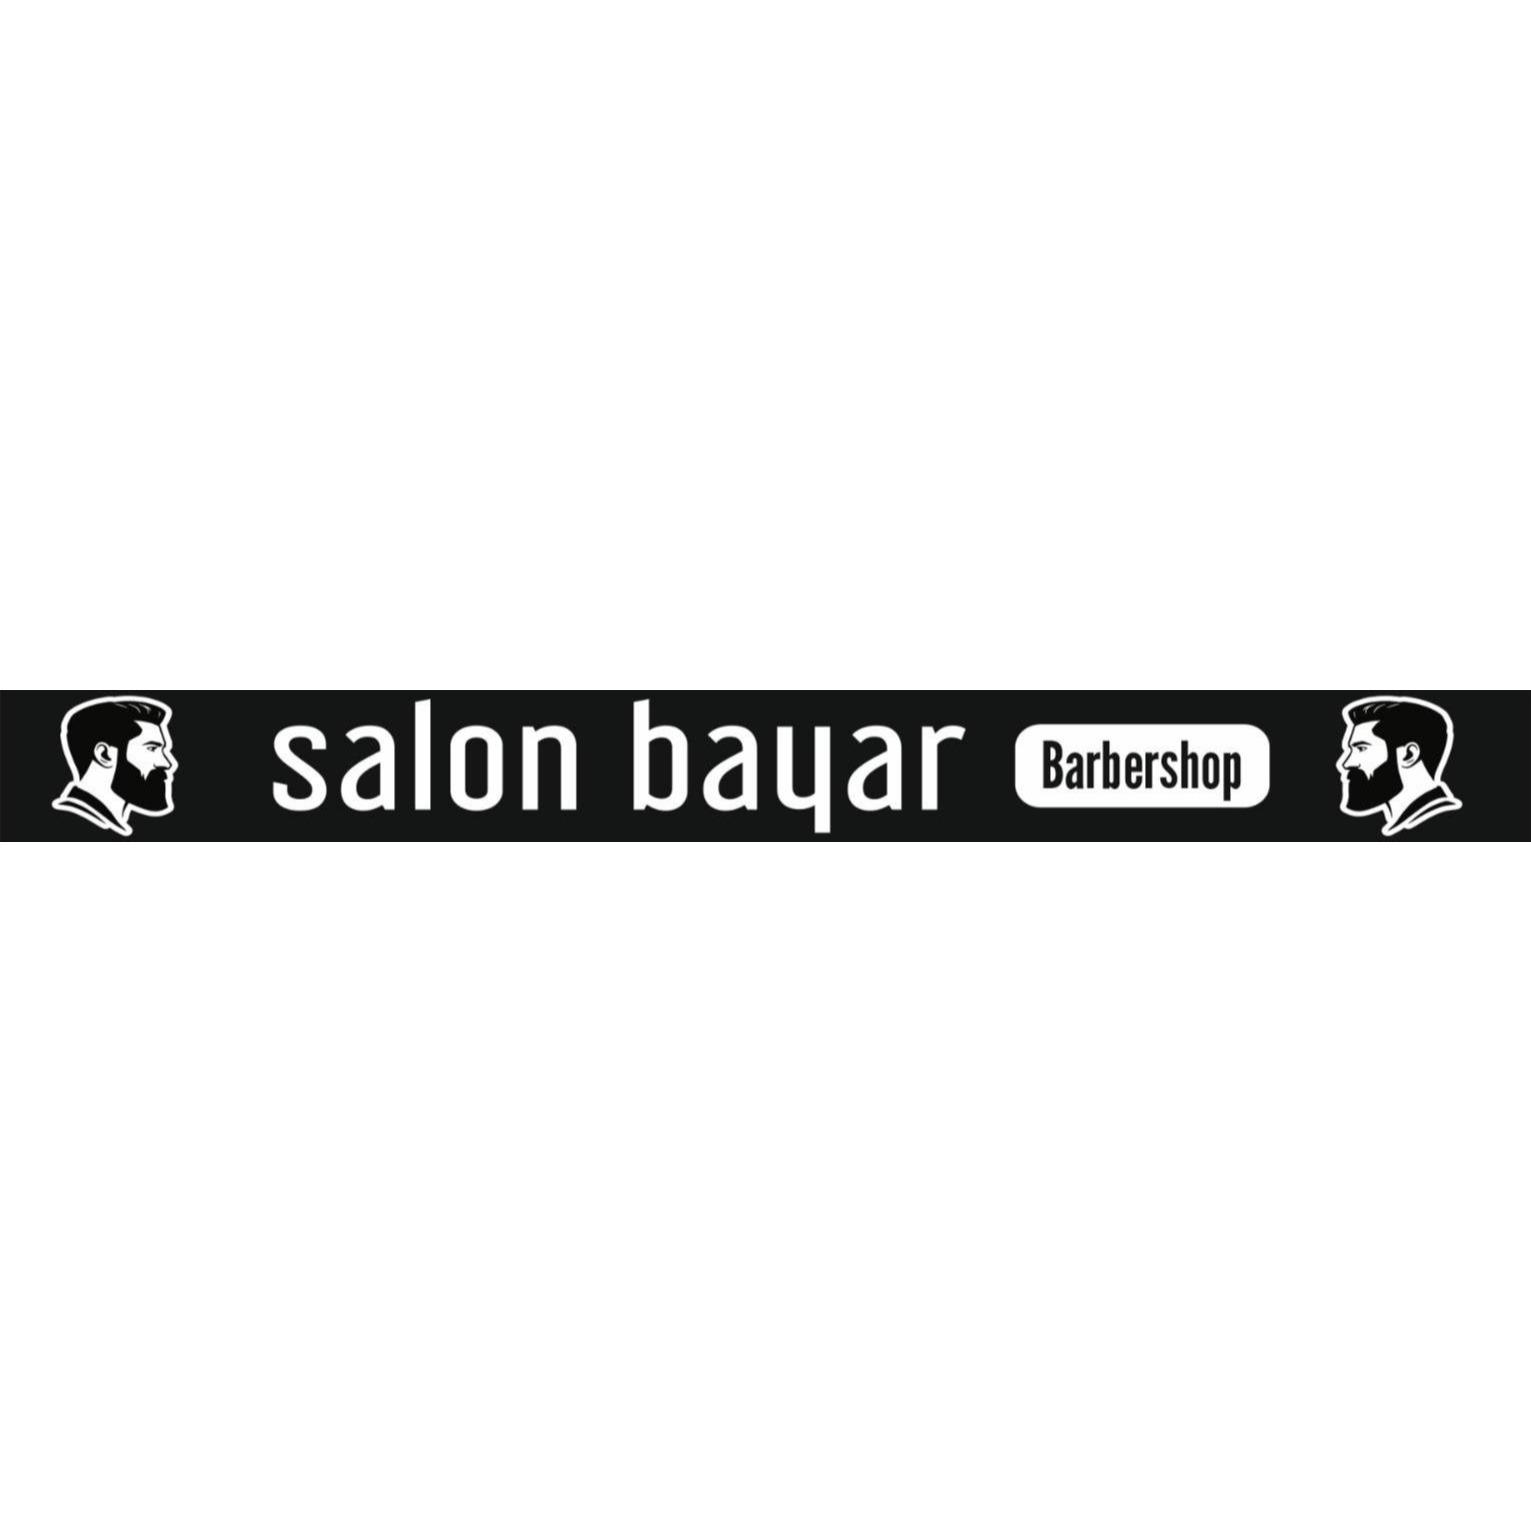 Salon Bayar Barbershop